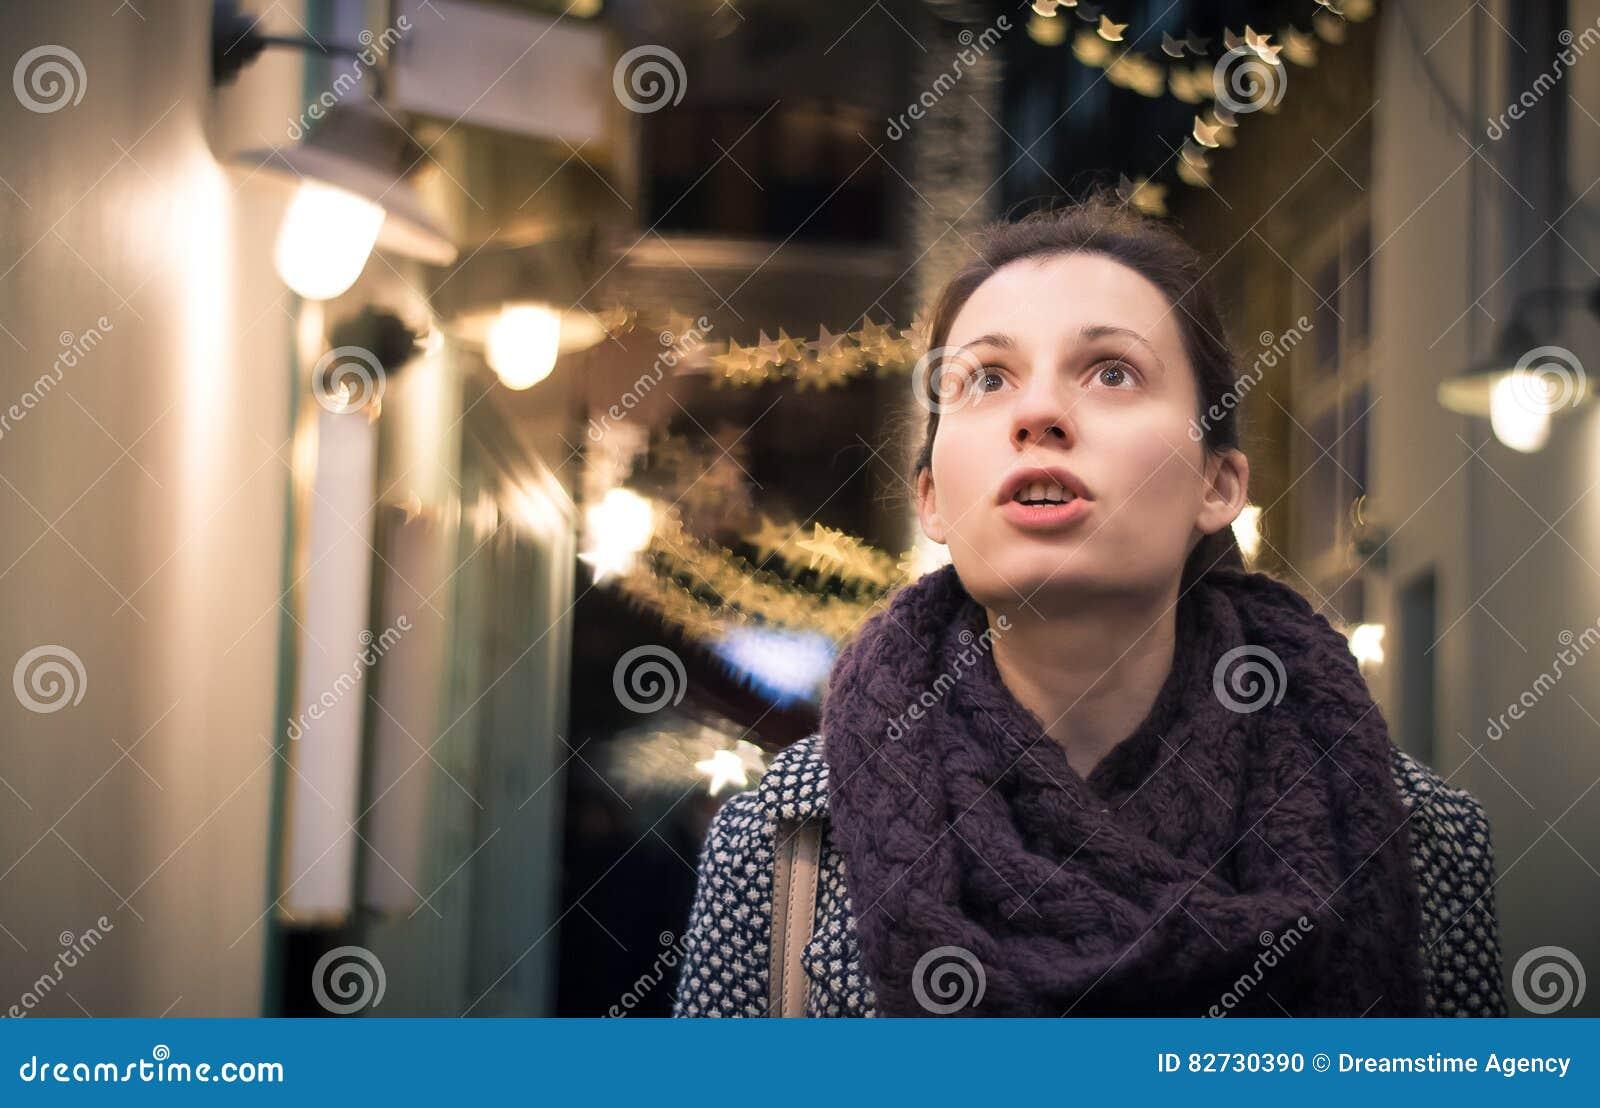 ¡Guau! Mujer sorprendente por las decoraciones de la Navidad